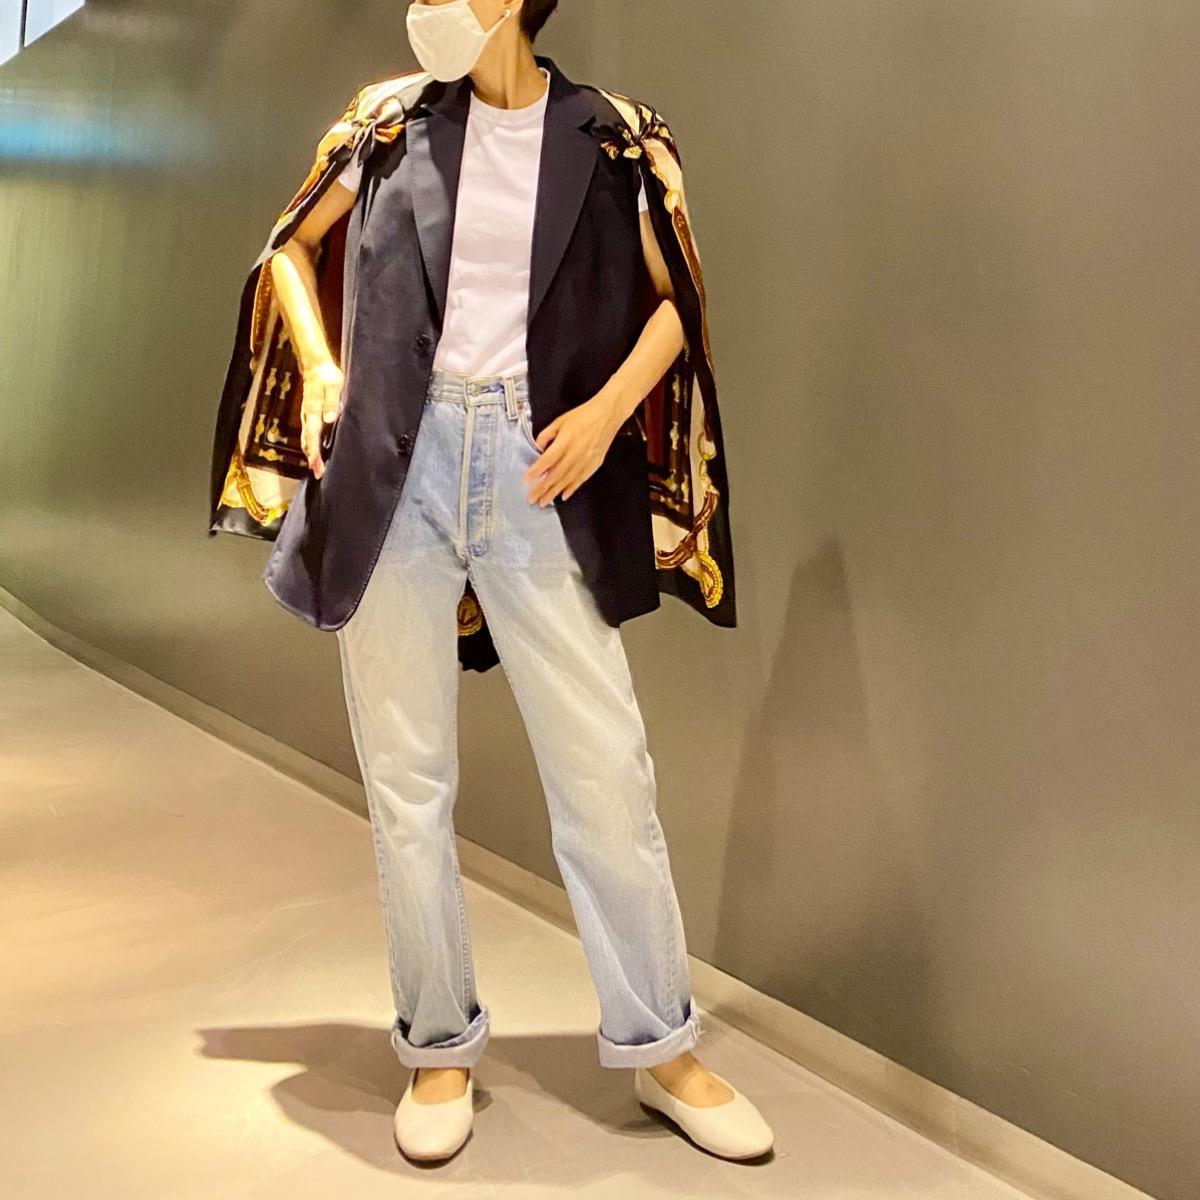 H&M TOGAコラボおすすめジャケットコーデ